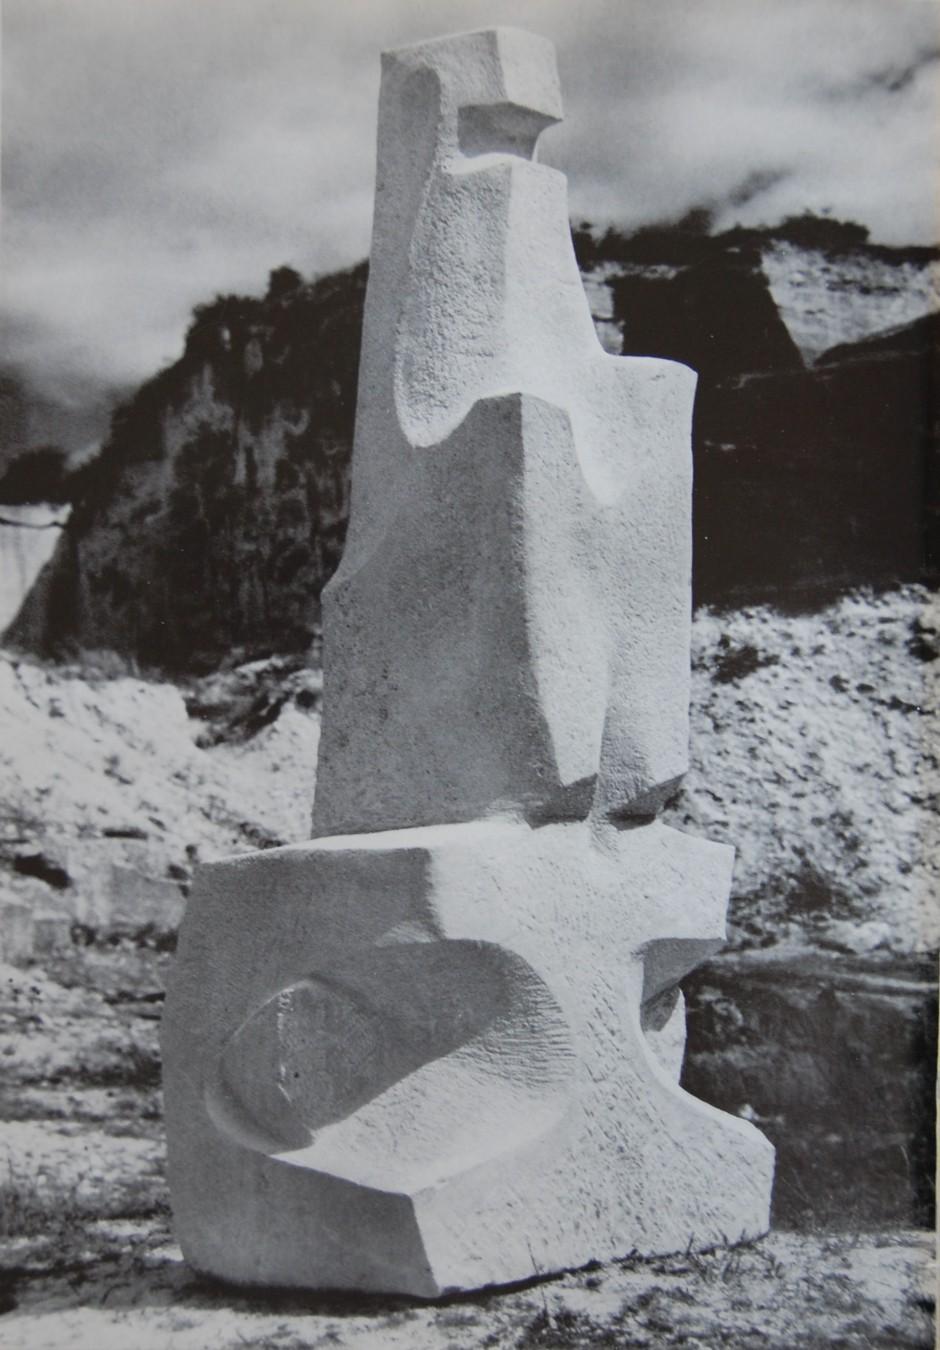 1960 'Symposion Europaischer Bildhauer' in St. Margarethen, Austria